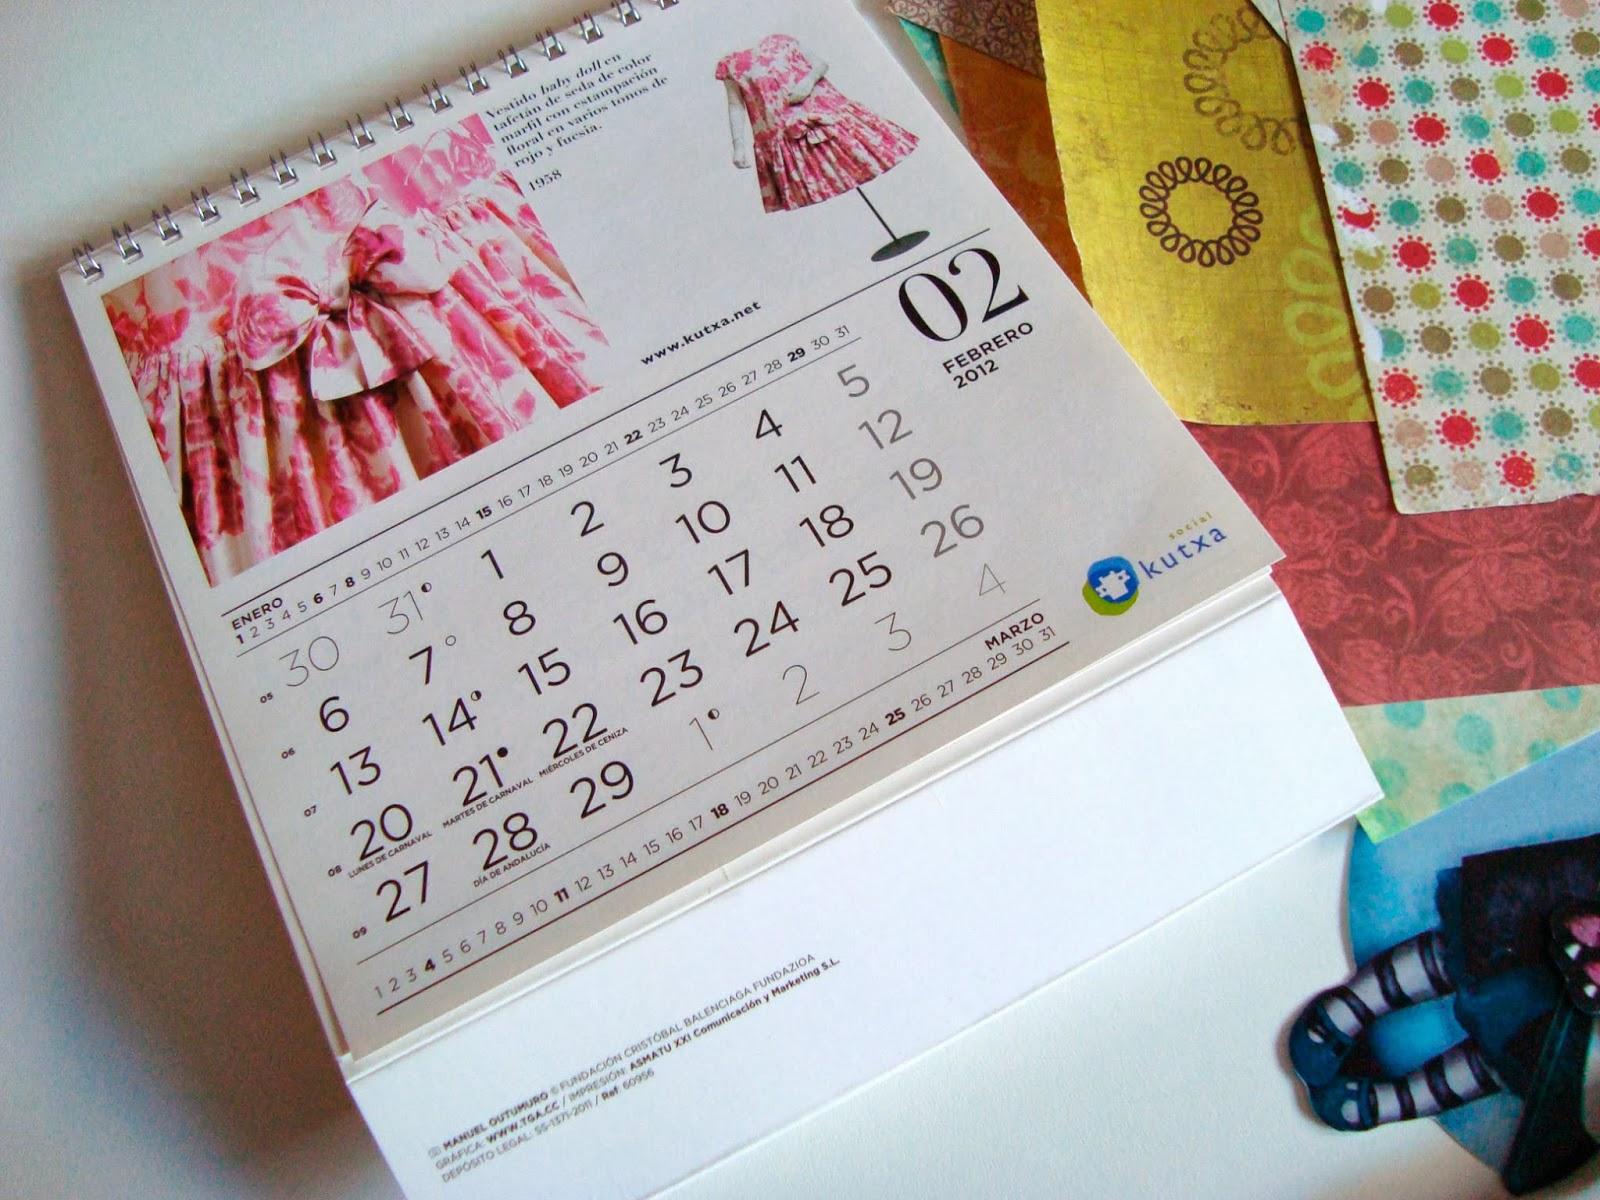 Calendario_gorjuss_materiales